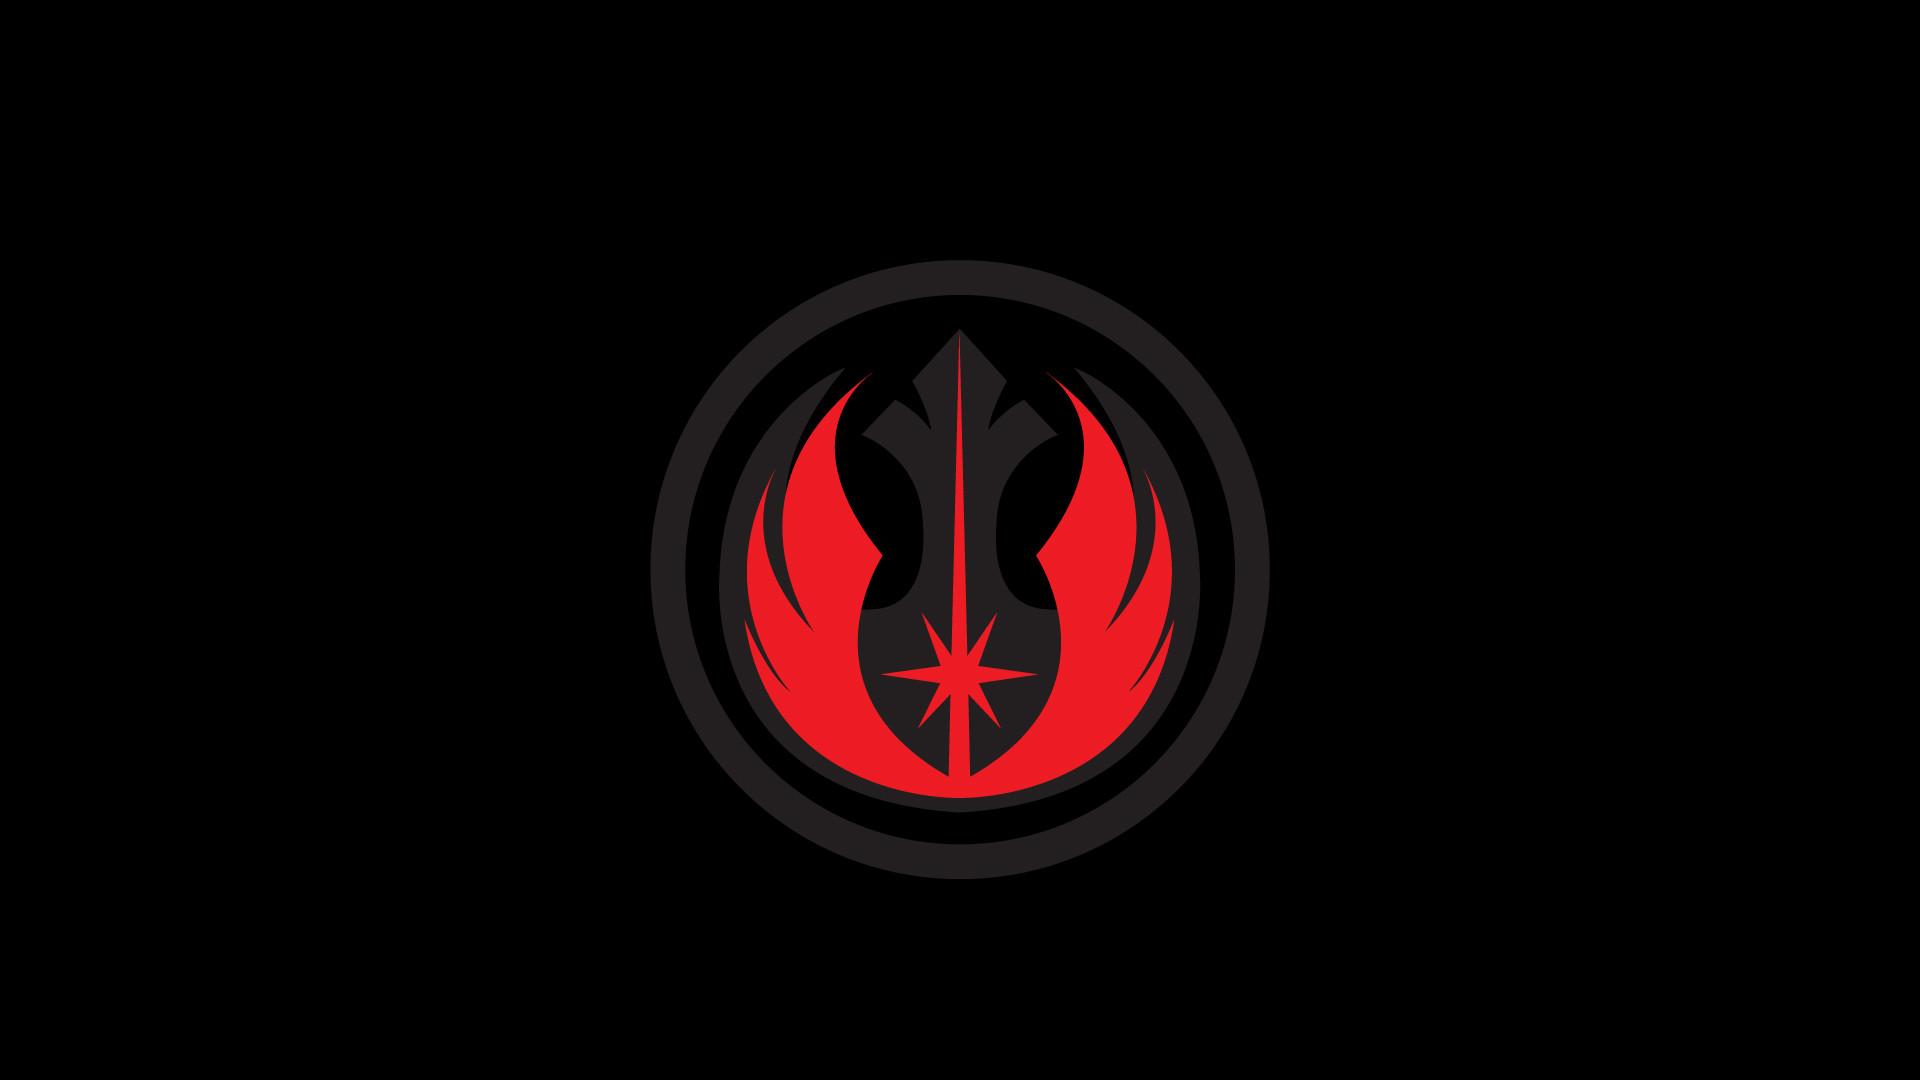 Jedi logo wallpaper 78 images - Jedi wallpaper ...